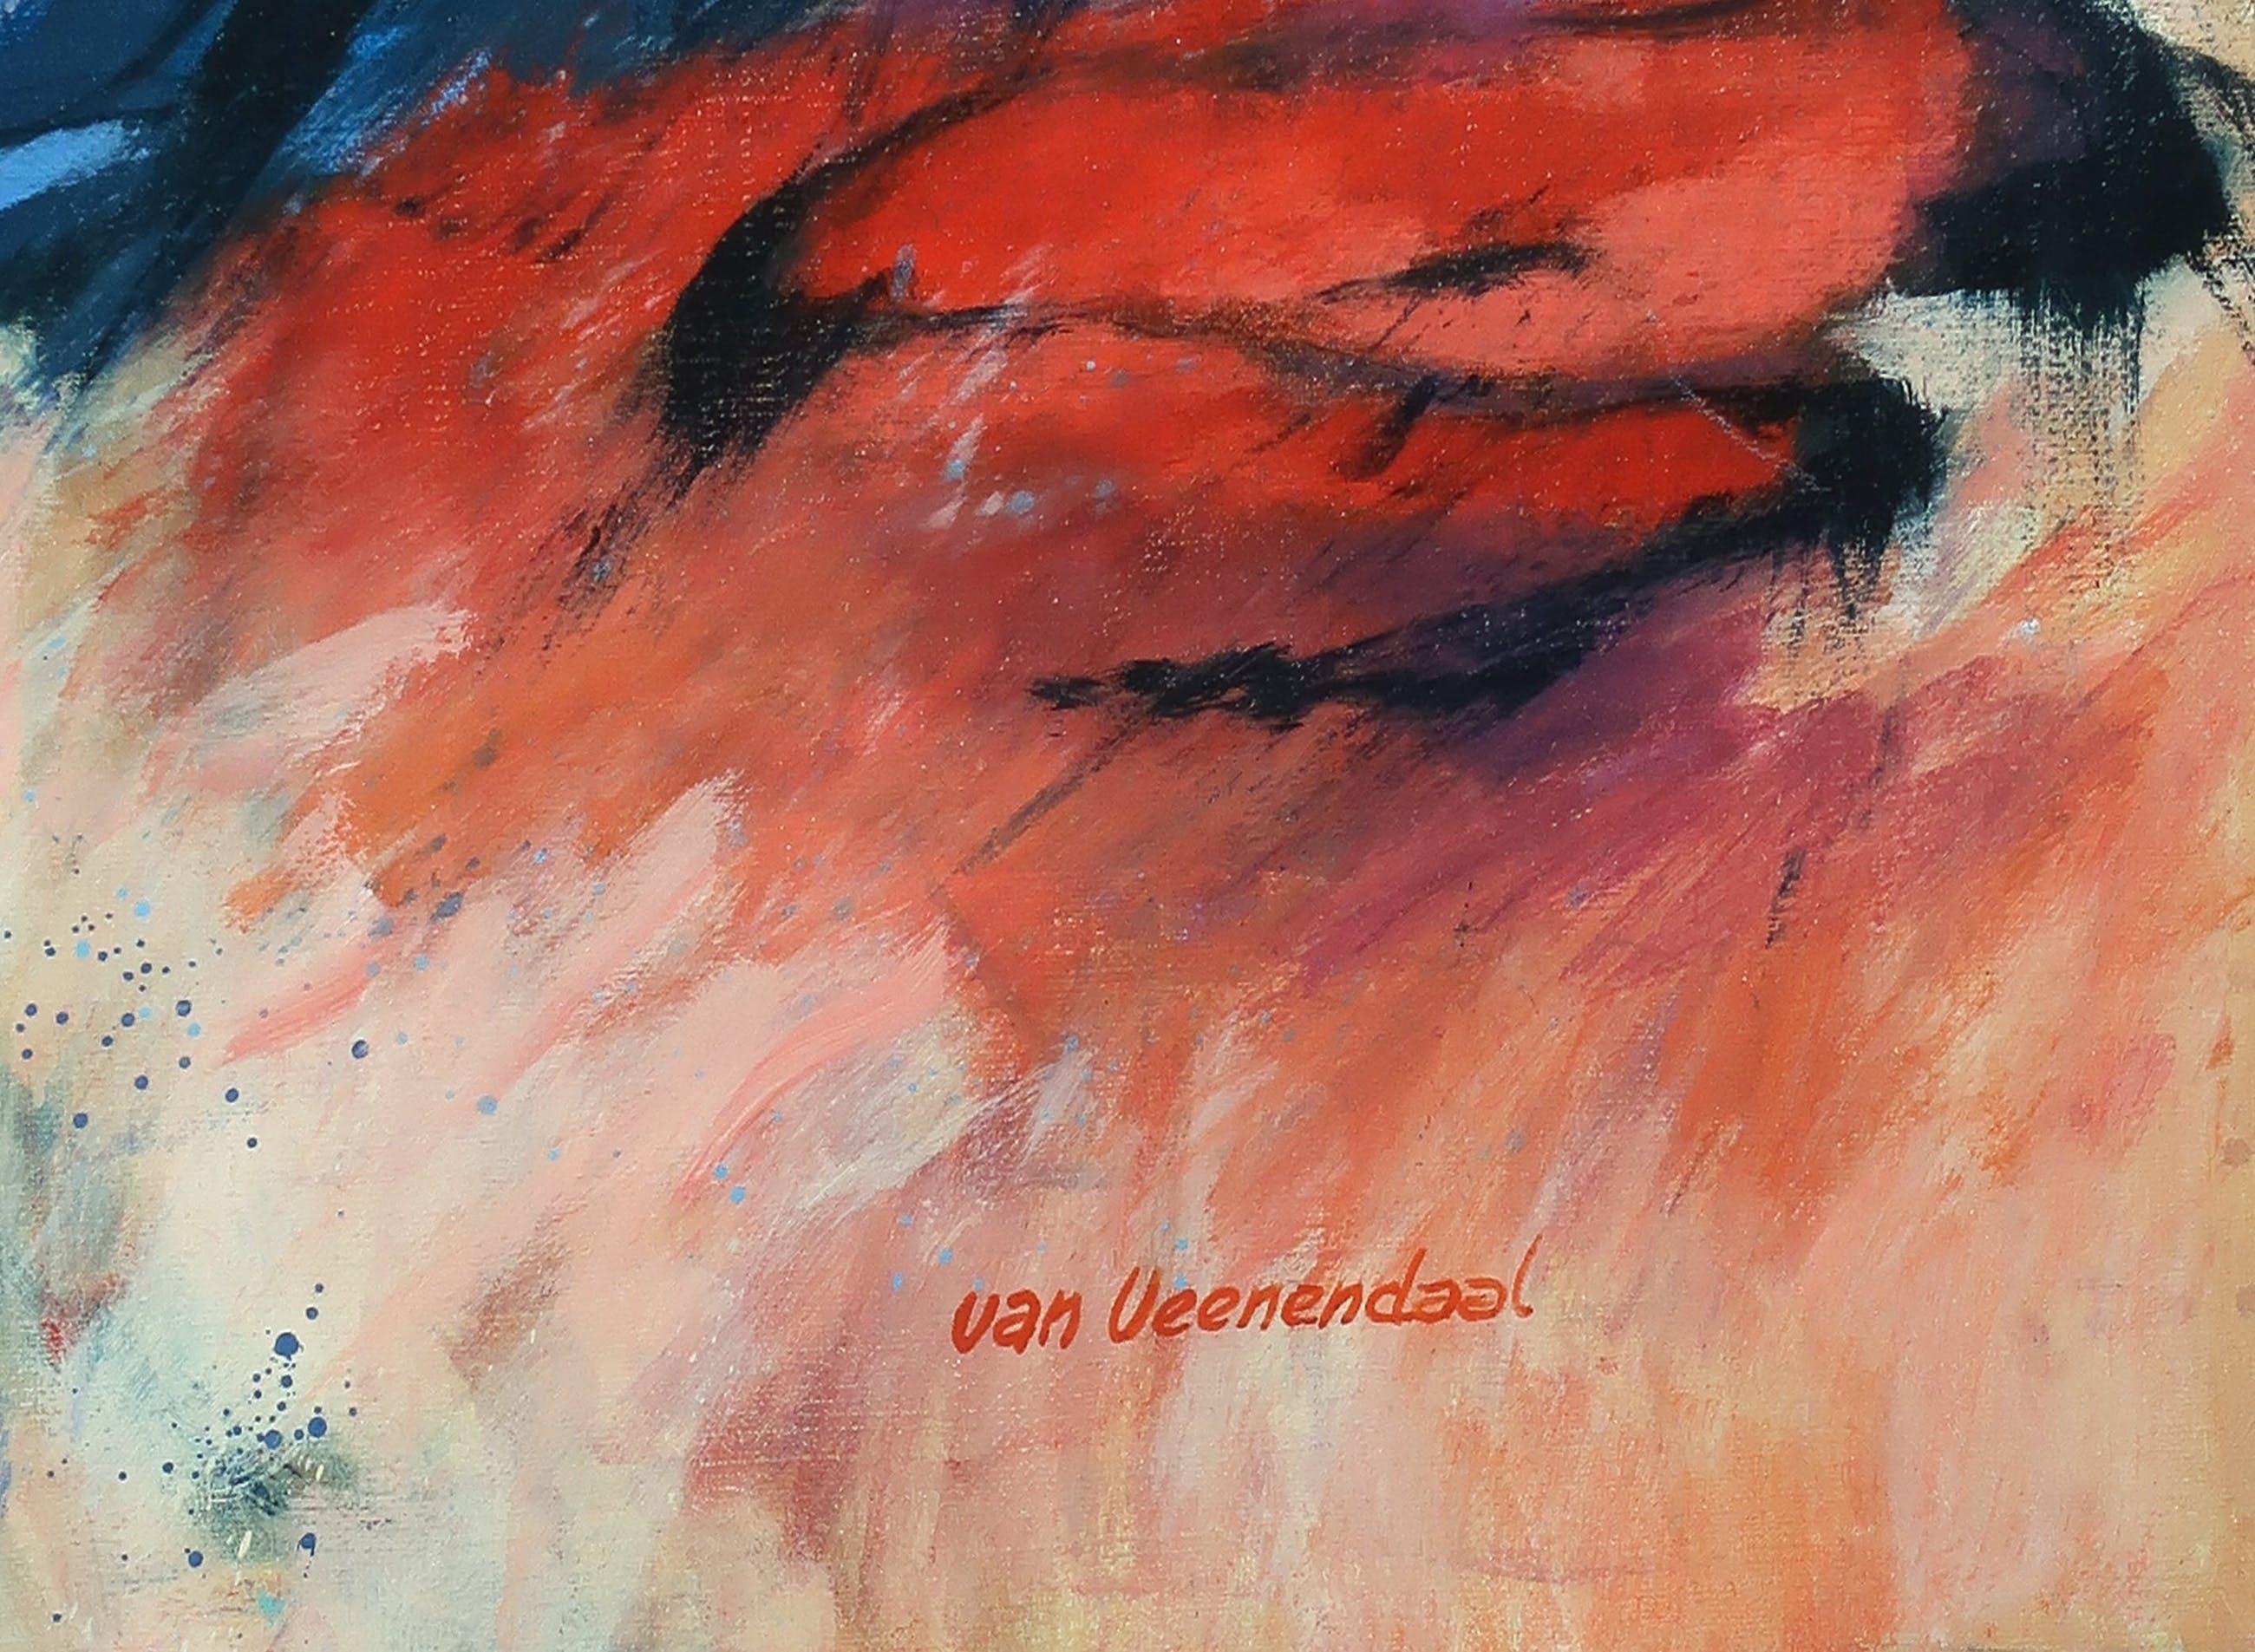 Hendrik van Veenendaal - Olieverf op doek, Abstract landschap - Ingelijst kopen? Bied vanaf 150!